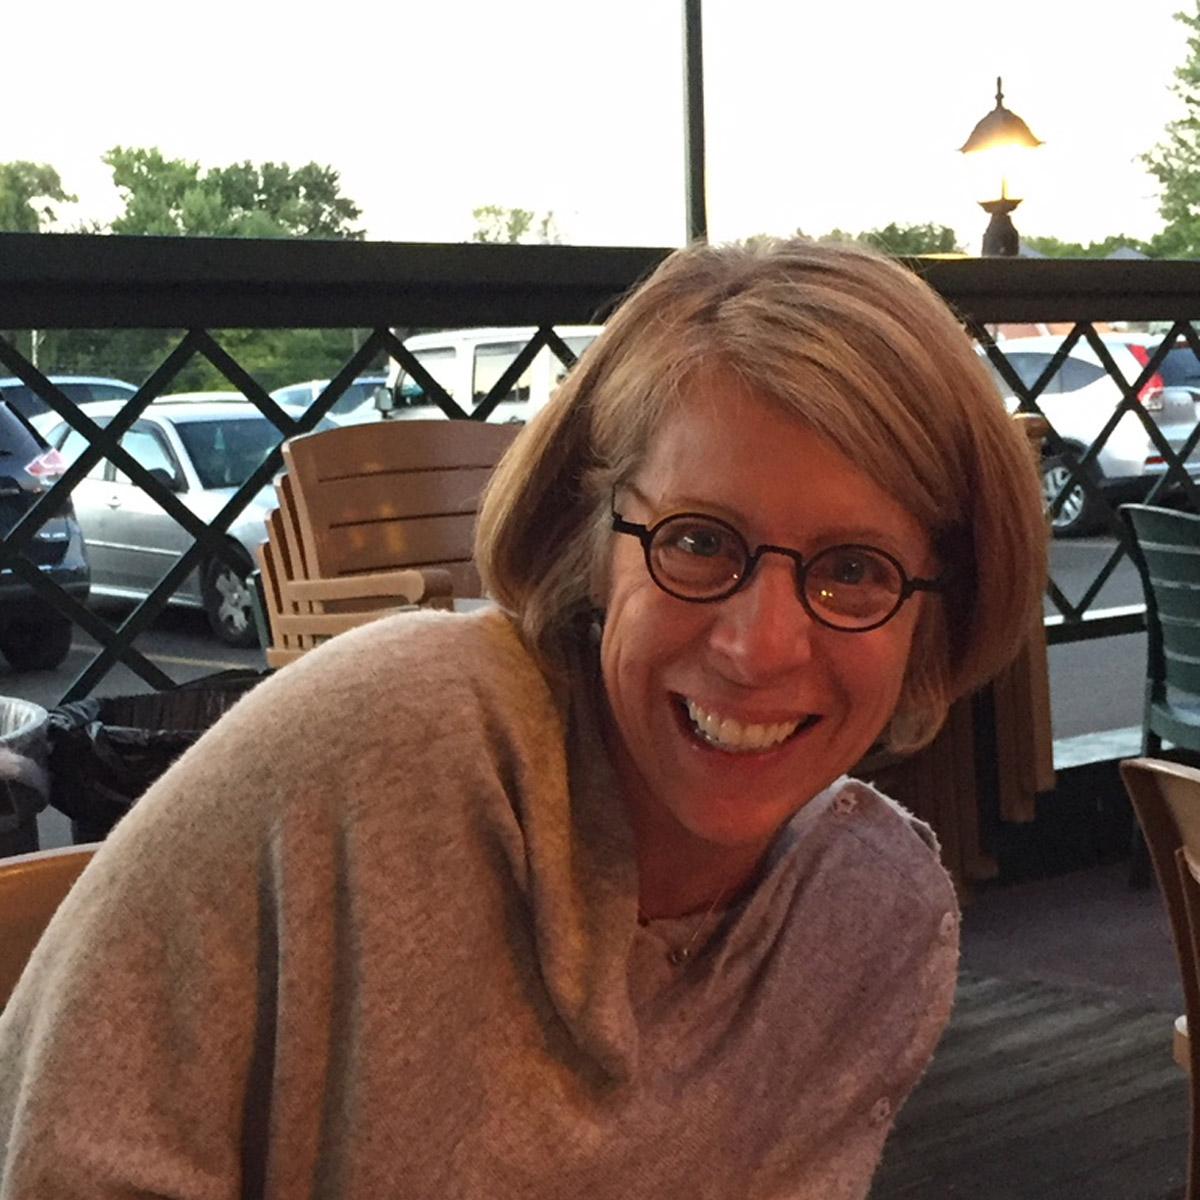 Jen Karowe - Owner, Hub Ned Coworking, Nia Instructorwww.HubNed.comjkarowe@HubNed.comIG-HubnedFB-Hubned